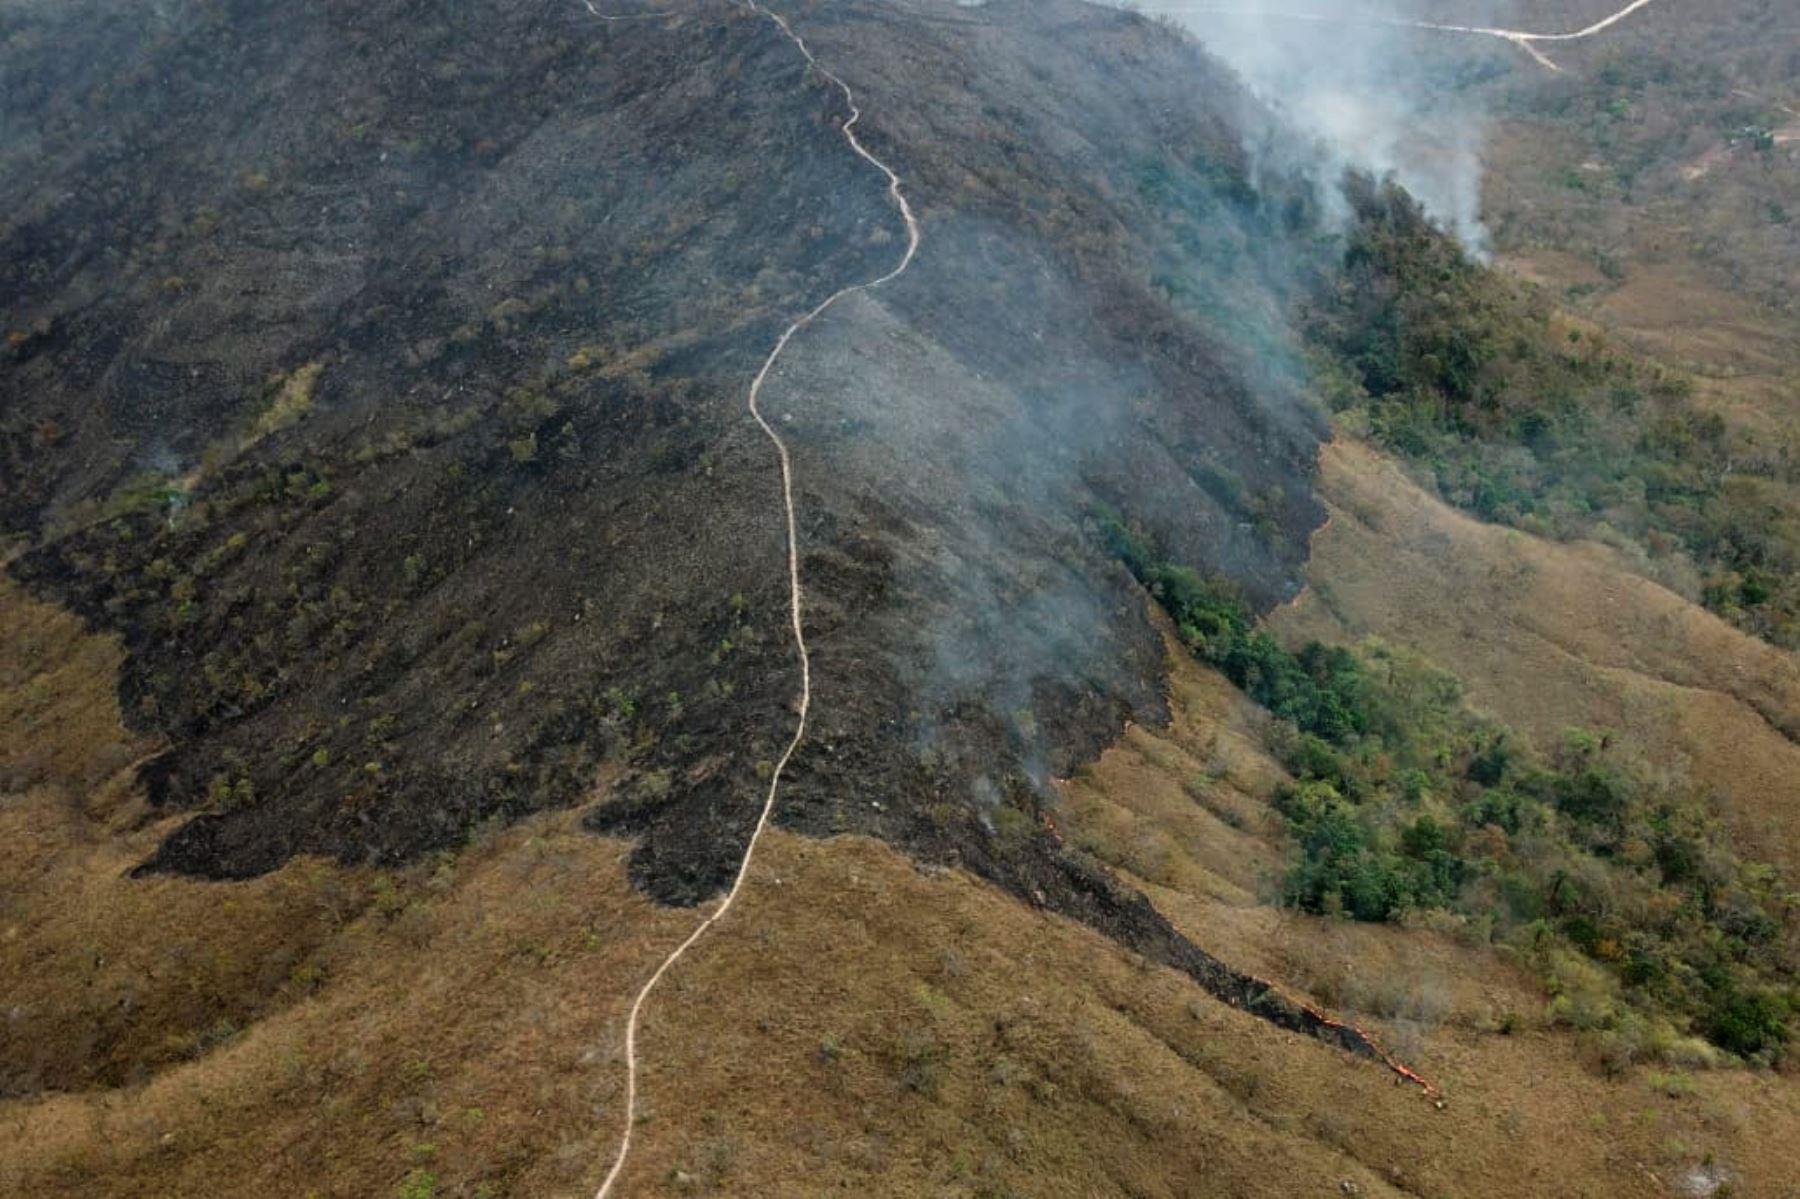 Fotografía aérea publicado por el Departamento de Bomberos de Mato Grosso que muestra áreas quemadas de tierra en las colinas del municipio de Chadapa dos Guimaraes en el estado de Mato Grosso, en el centro-oeste de Brasil, el 23 de agosto de 2019. AFP